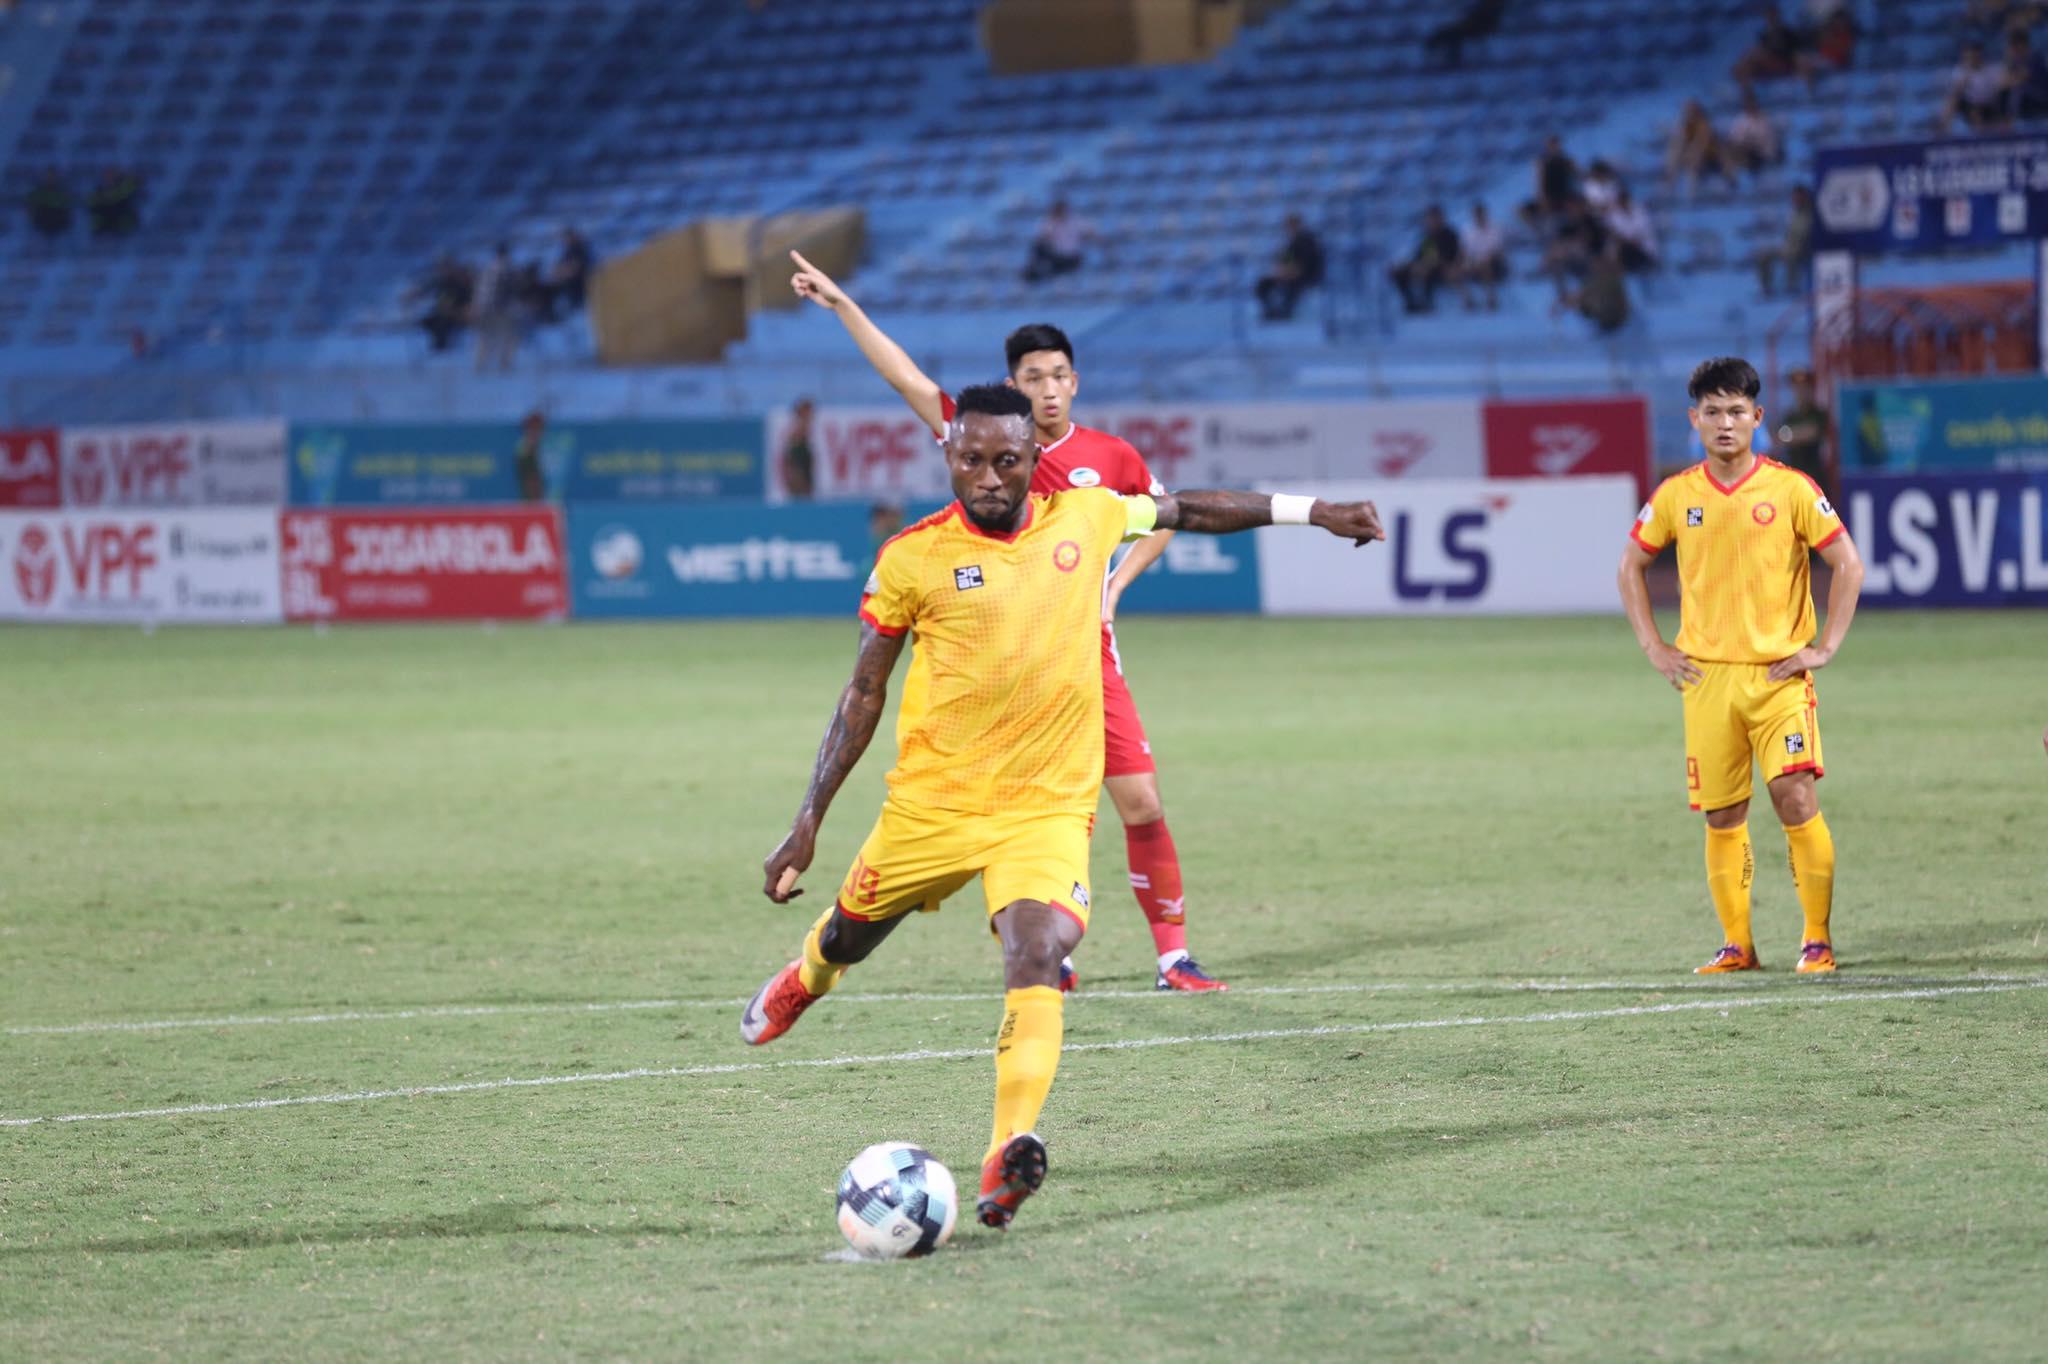 Thắng Than Quảng Ninh, Thanh Hóa vươn lên vị trí thứ 7 trên bảng xếp hạng